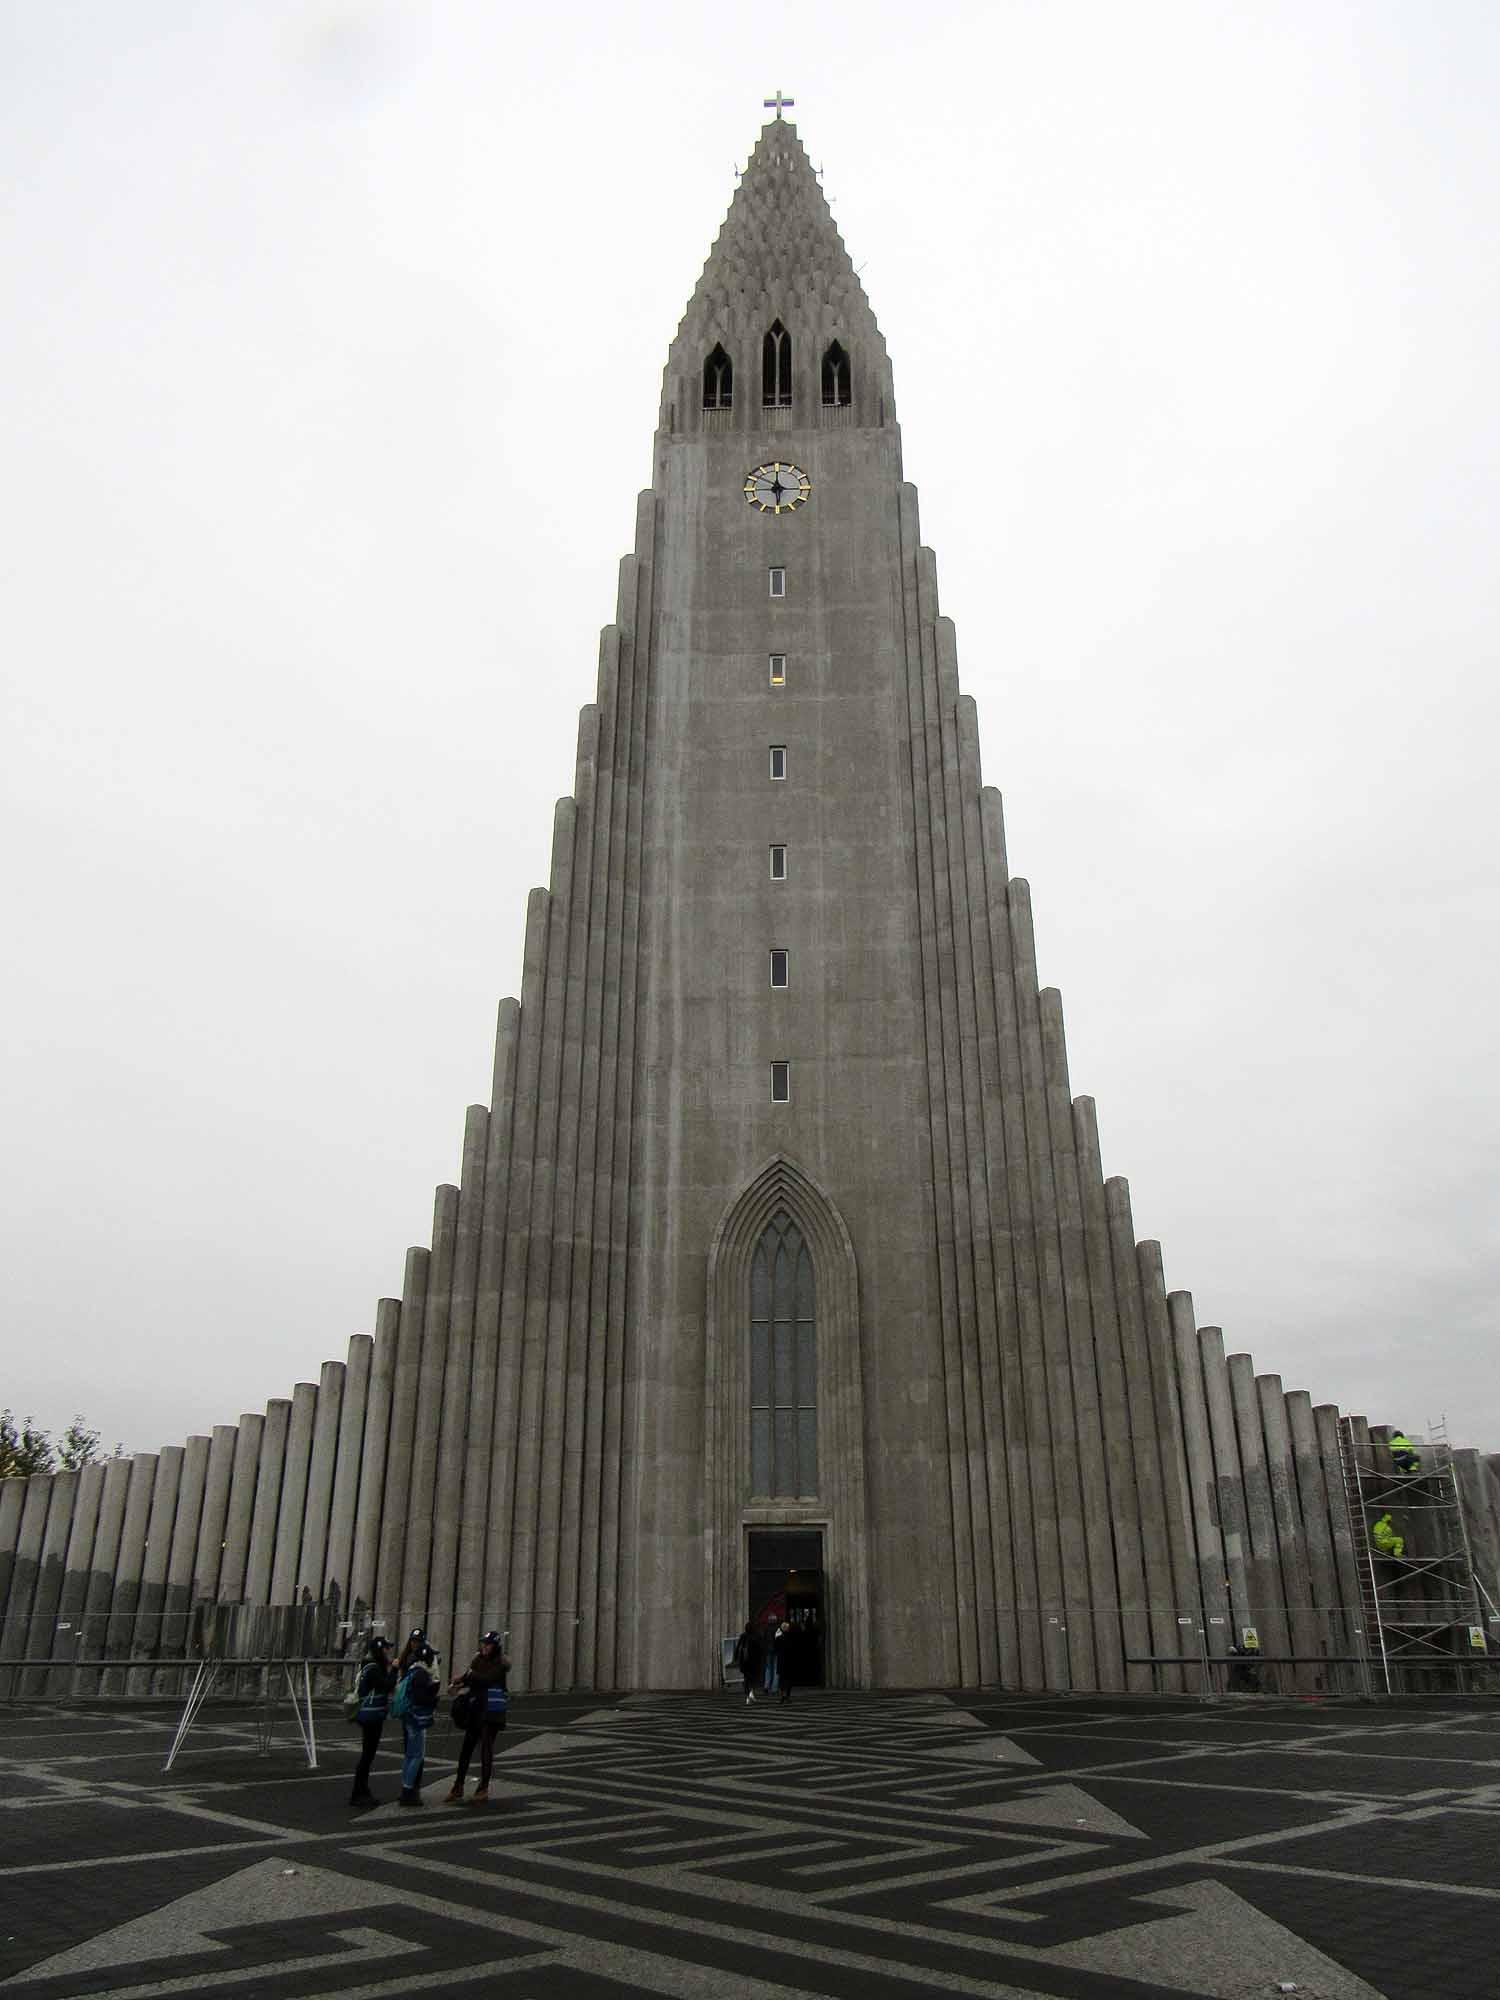 iceland-reykjavík-cathedral-exterior.JPG